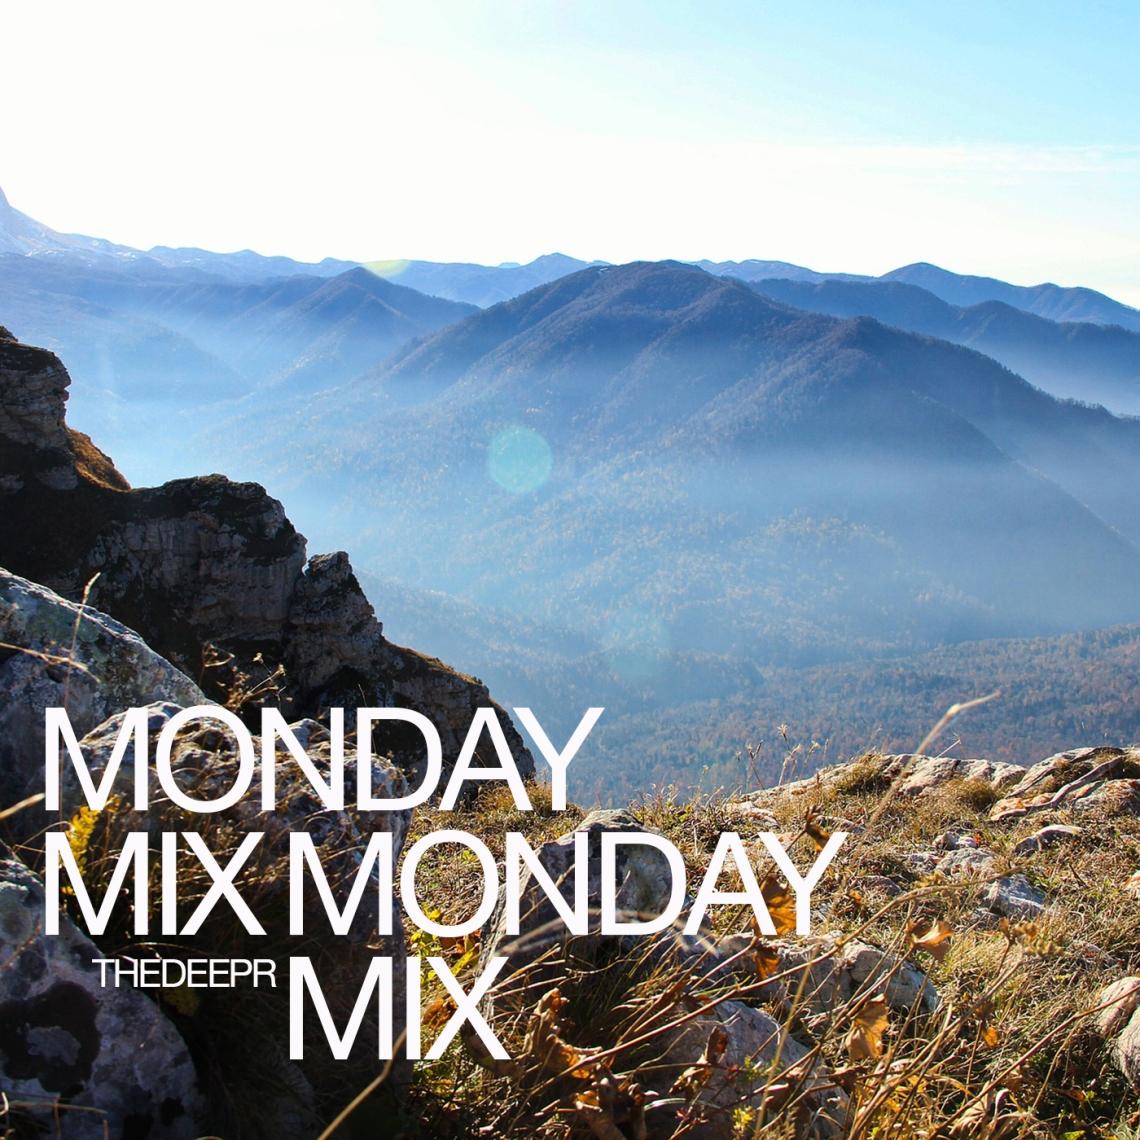 MONDAY MIX 1.jpg